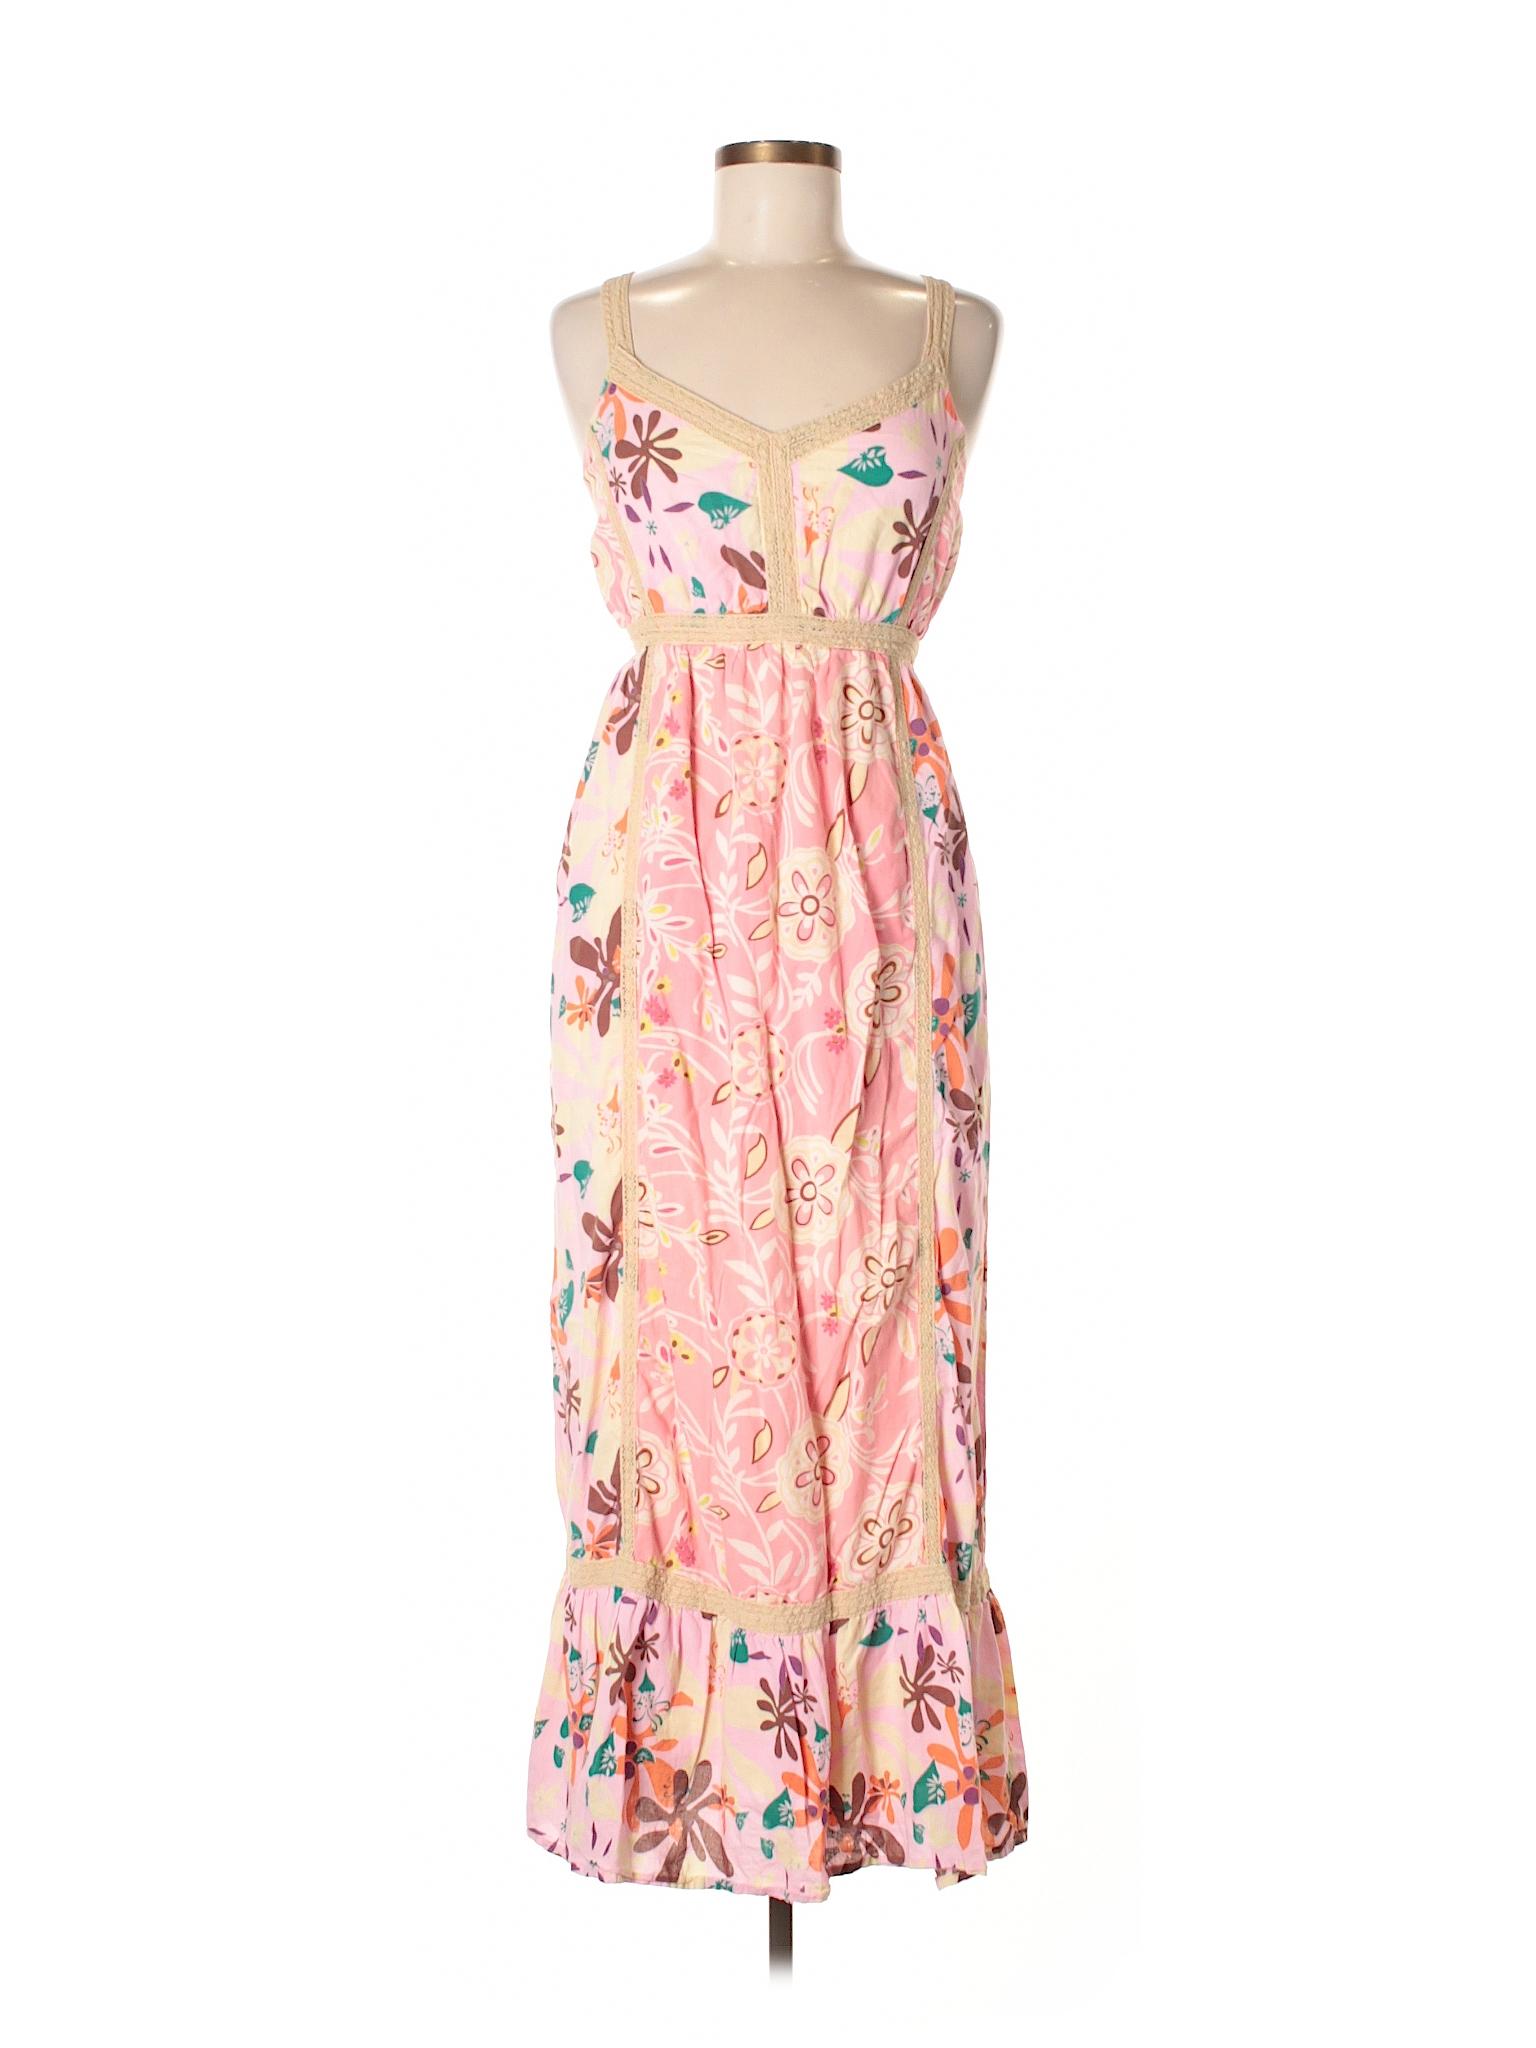 Garnet Casual winter Dress Hill Boutique PfBw1qpA